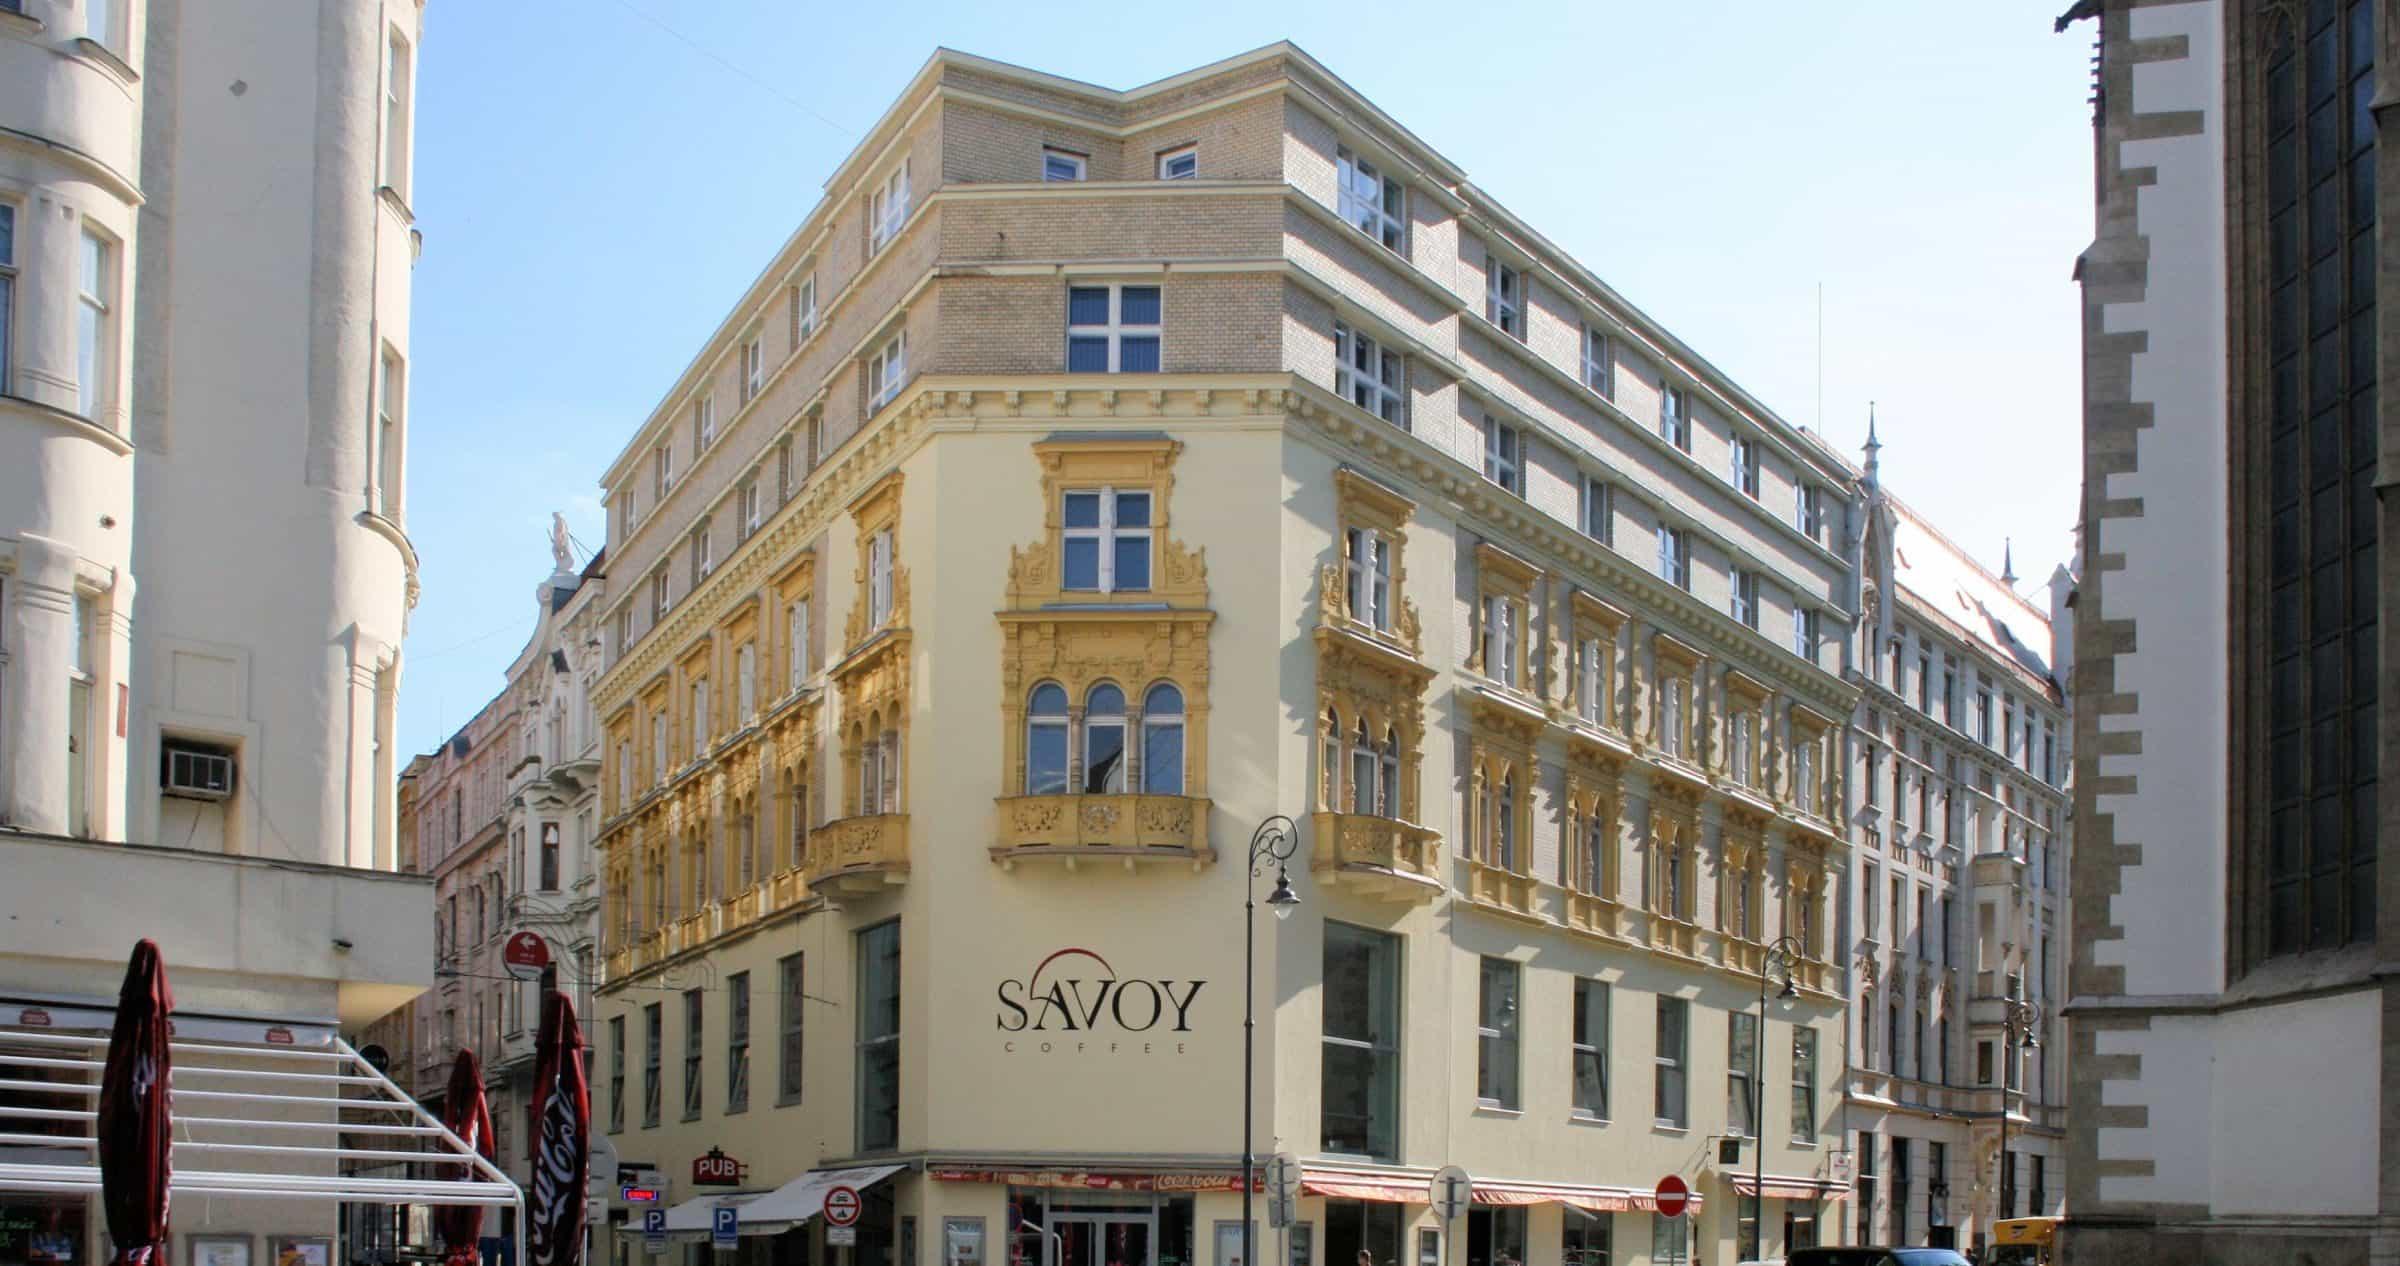 Café Savoy at Jakubské náměstí (St James Square)